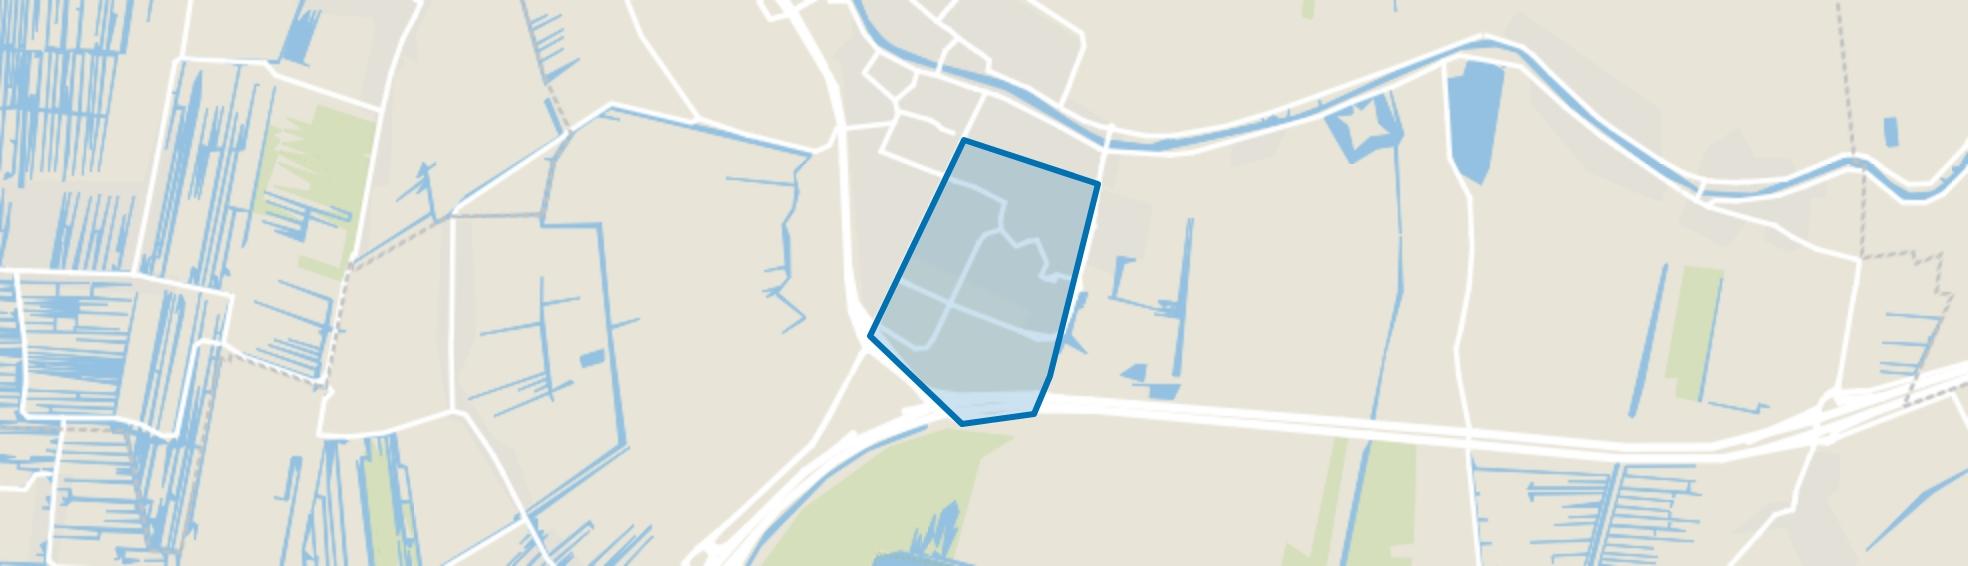 Broekvelden, Bodegraven map